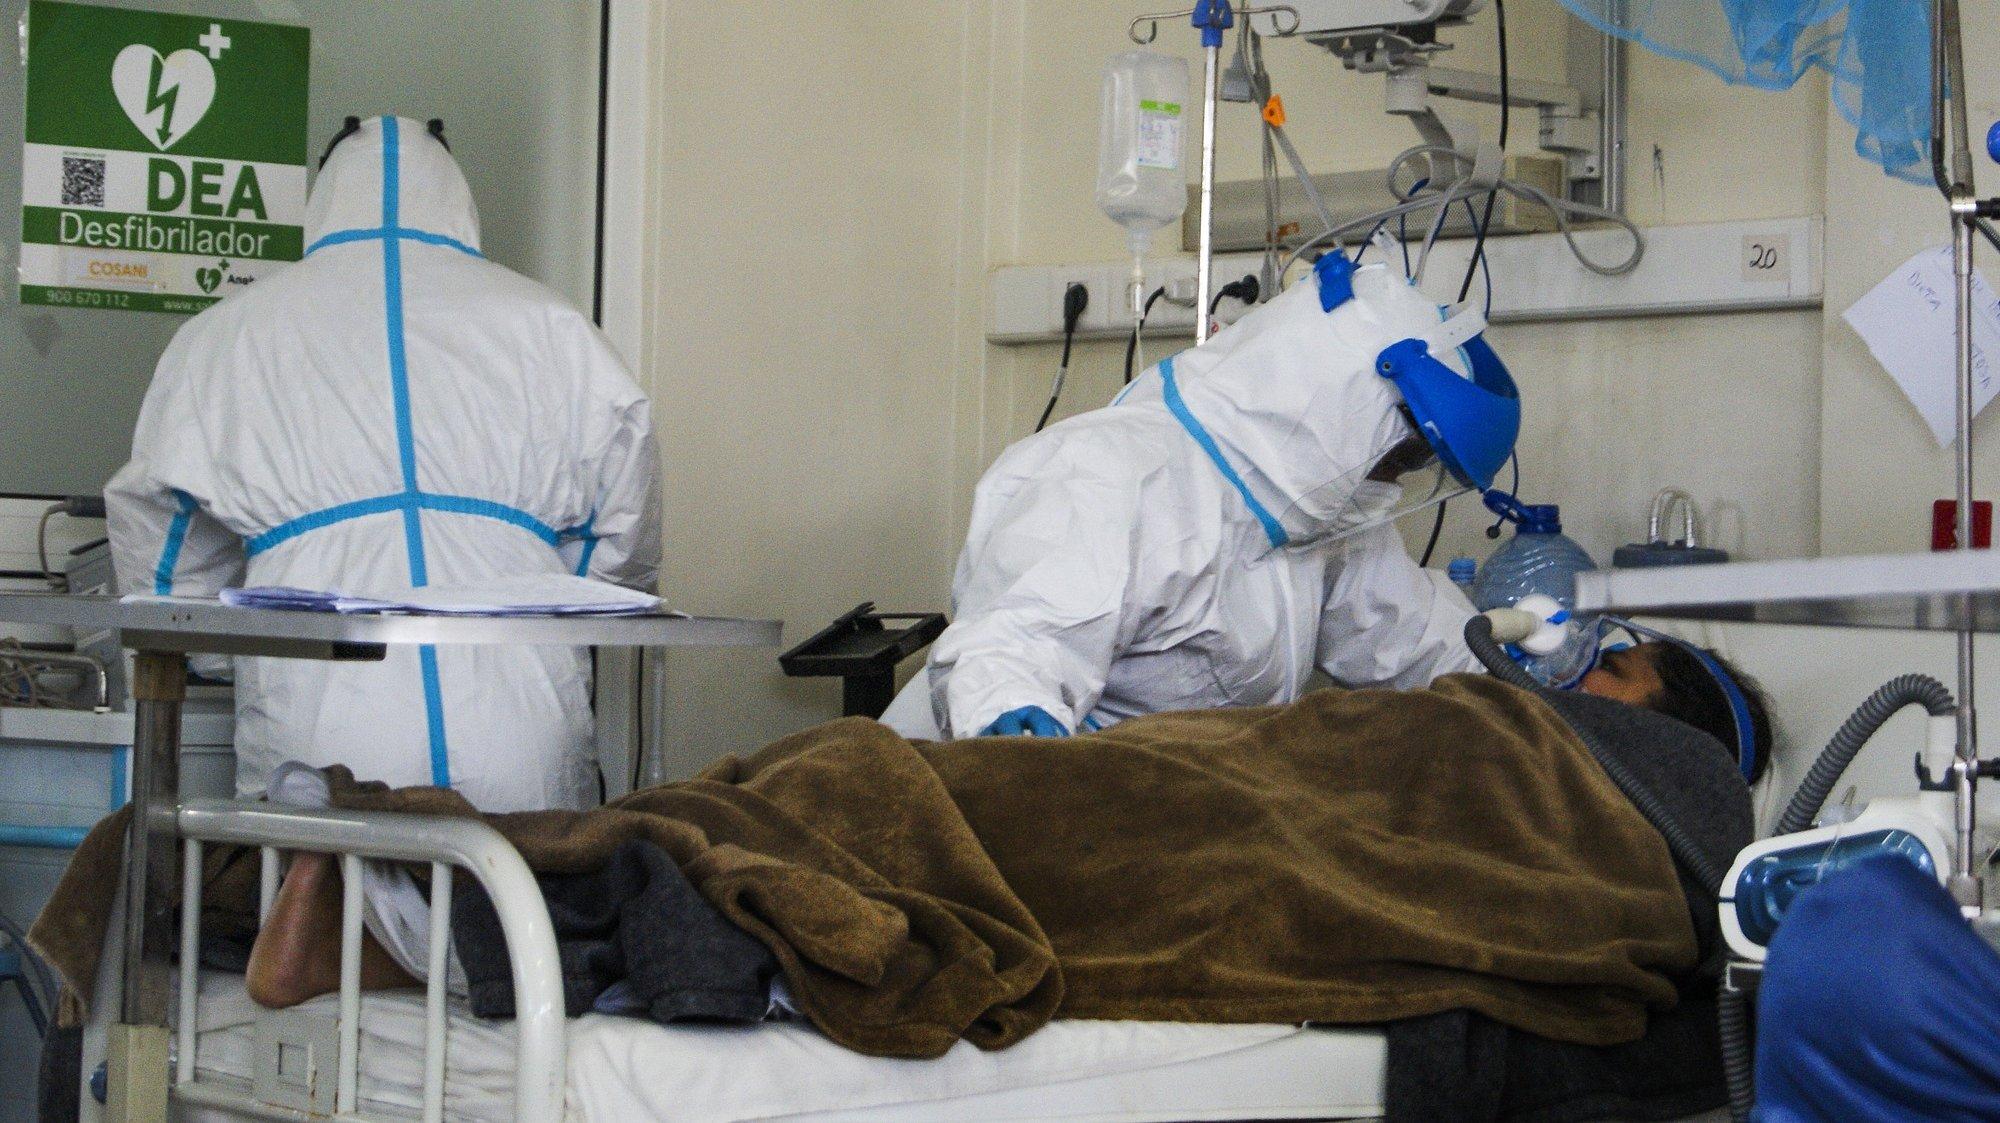 O Hospital Geral da Polana Caniço, na capital do país, passou a receber diariamente em média 16 doentes em estado crítico, contra seis recebidos nas primeira e segunda vagas. A terceira vaga da covid-19 ameaça o sistema de Saúde em, Maputo, Moçambique, 15 de julho de 2021). As medidas anunciadas para vigorar durante 30 dias a partir de sábado incluem a proibição de todos os eventos sociais, mesmo os privados, redução significativa de horários do comércio, suspensão do ensino pré-escolar em todo o país e das aulas presenciais nos restantes níveis de ensino em Maputo (área metropolitana), Xai Xai, Inhambane, Beira, Chimoio, Tete e Dondo. (ACOMPANHA TEXTO DE DIA 17 DE JULHO DE 2021). LUÍSA NHANTUMBO/LUSA